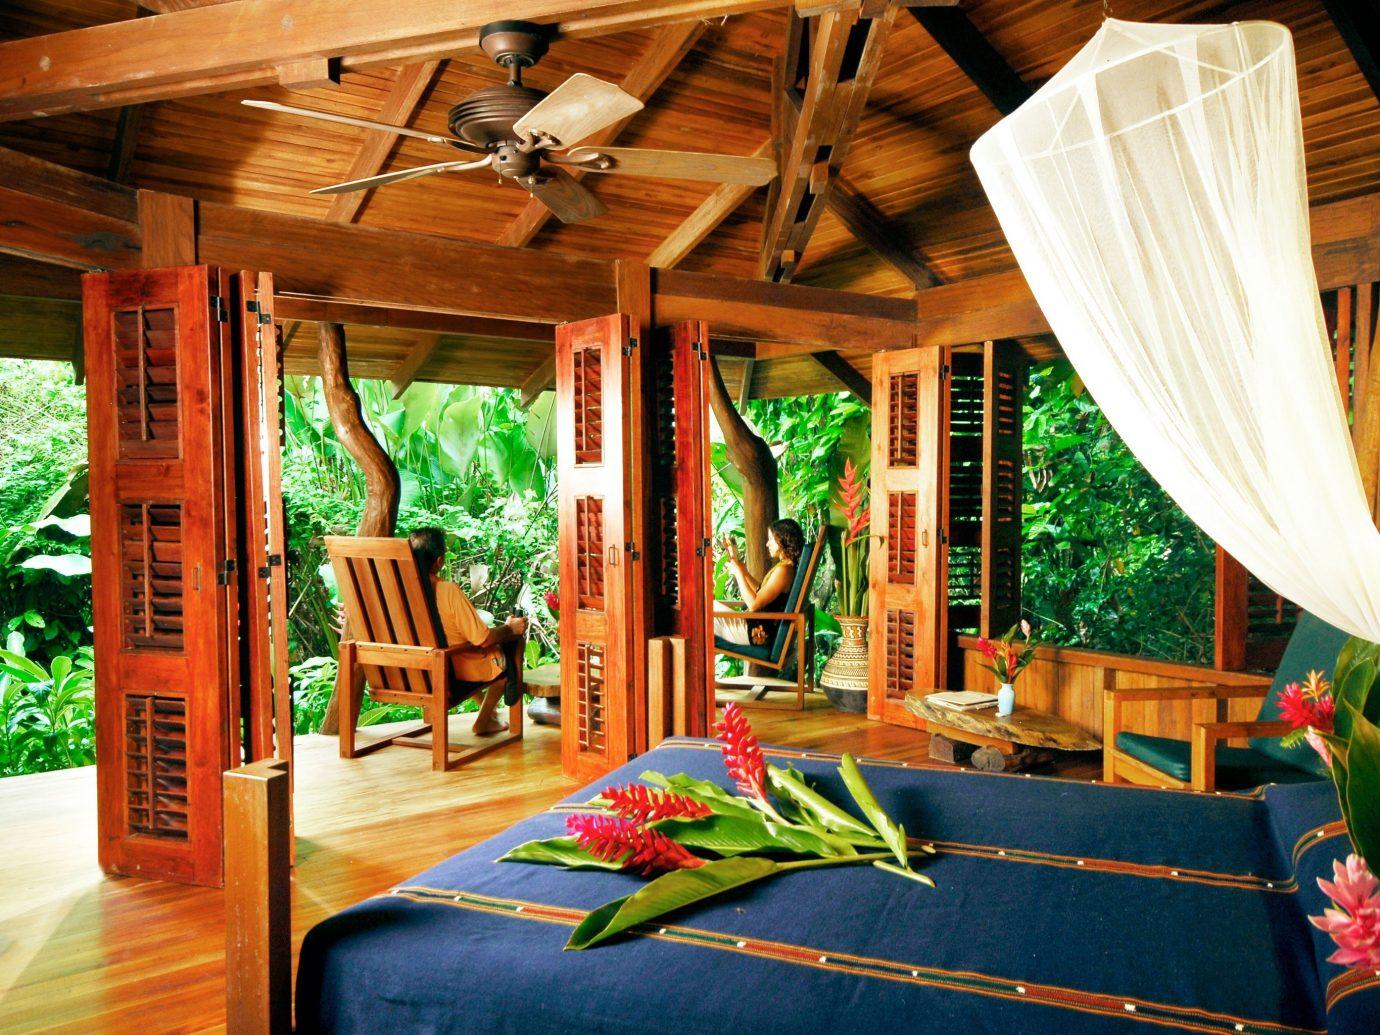 Hotels Outdoors + Adventure indoor leisure room Resort estate interior design eco hotel decorated furniture